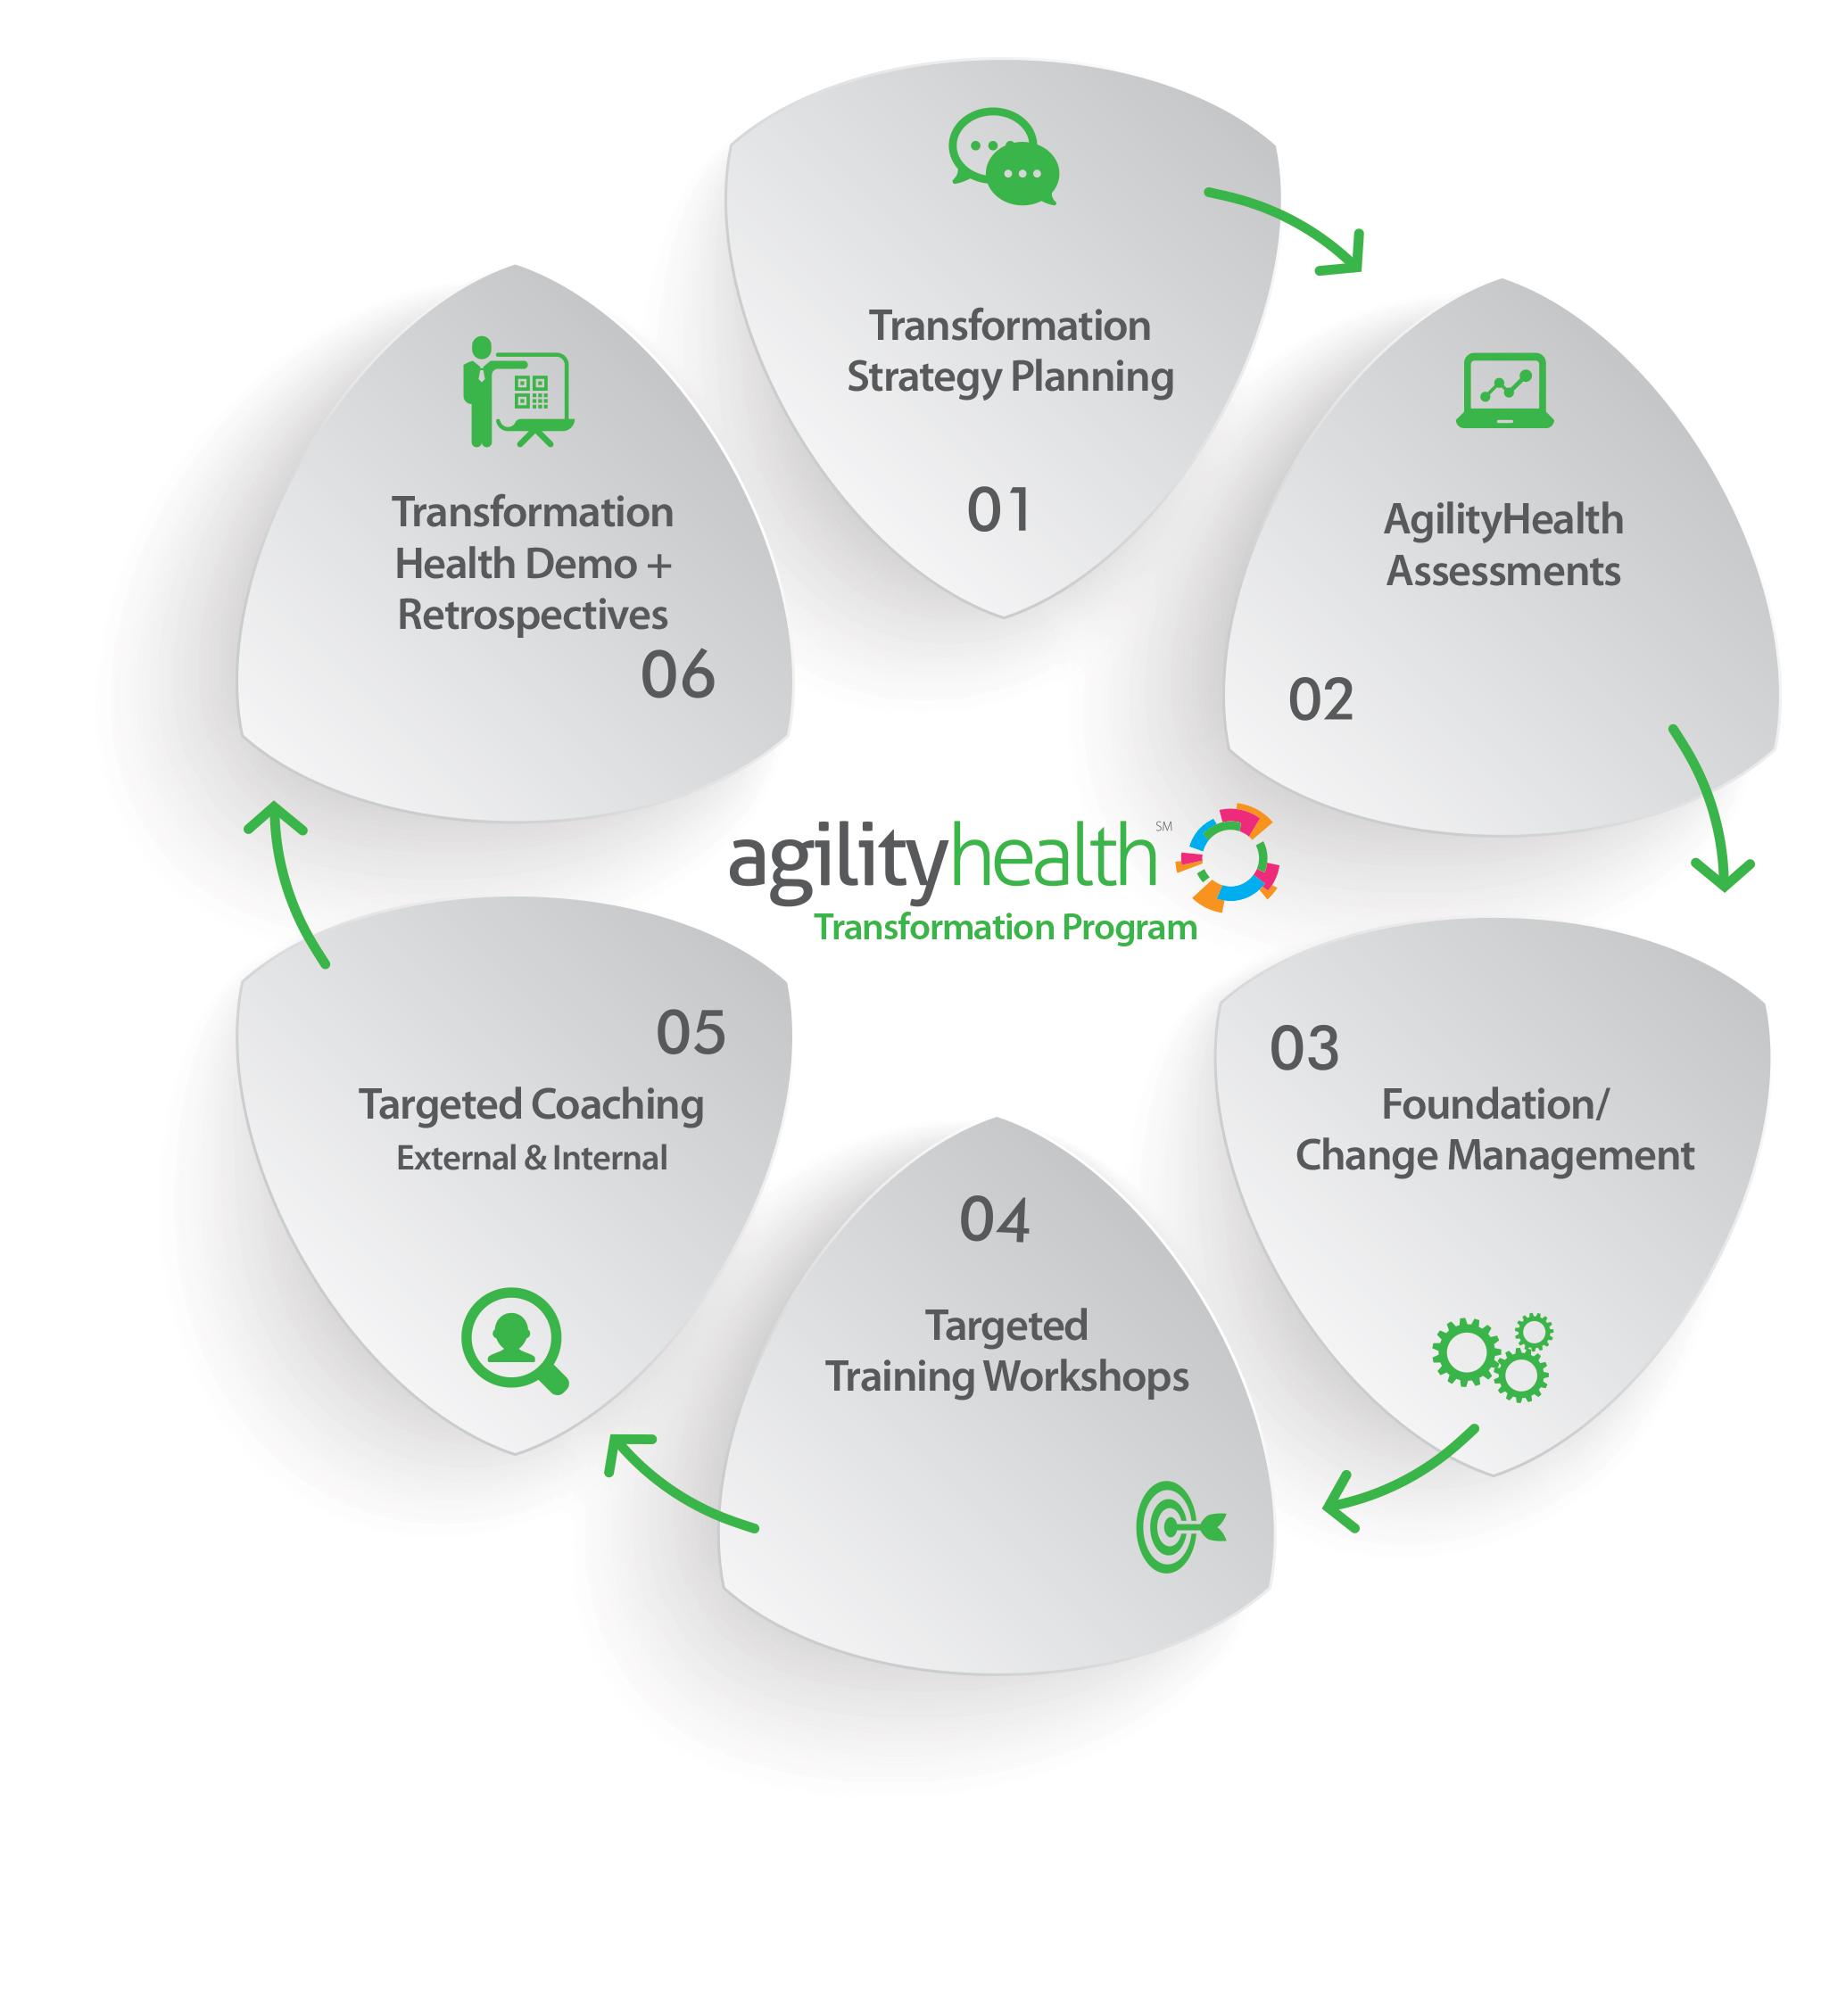 AgilityHealth_TransformationProgram